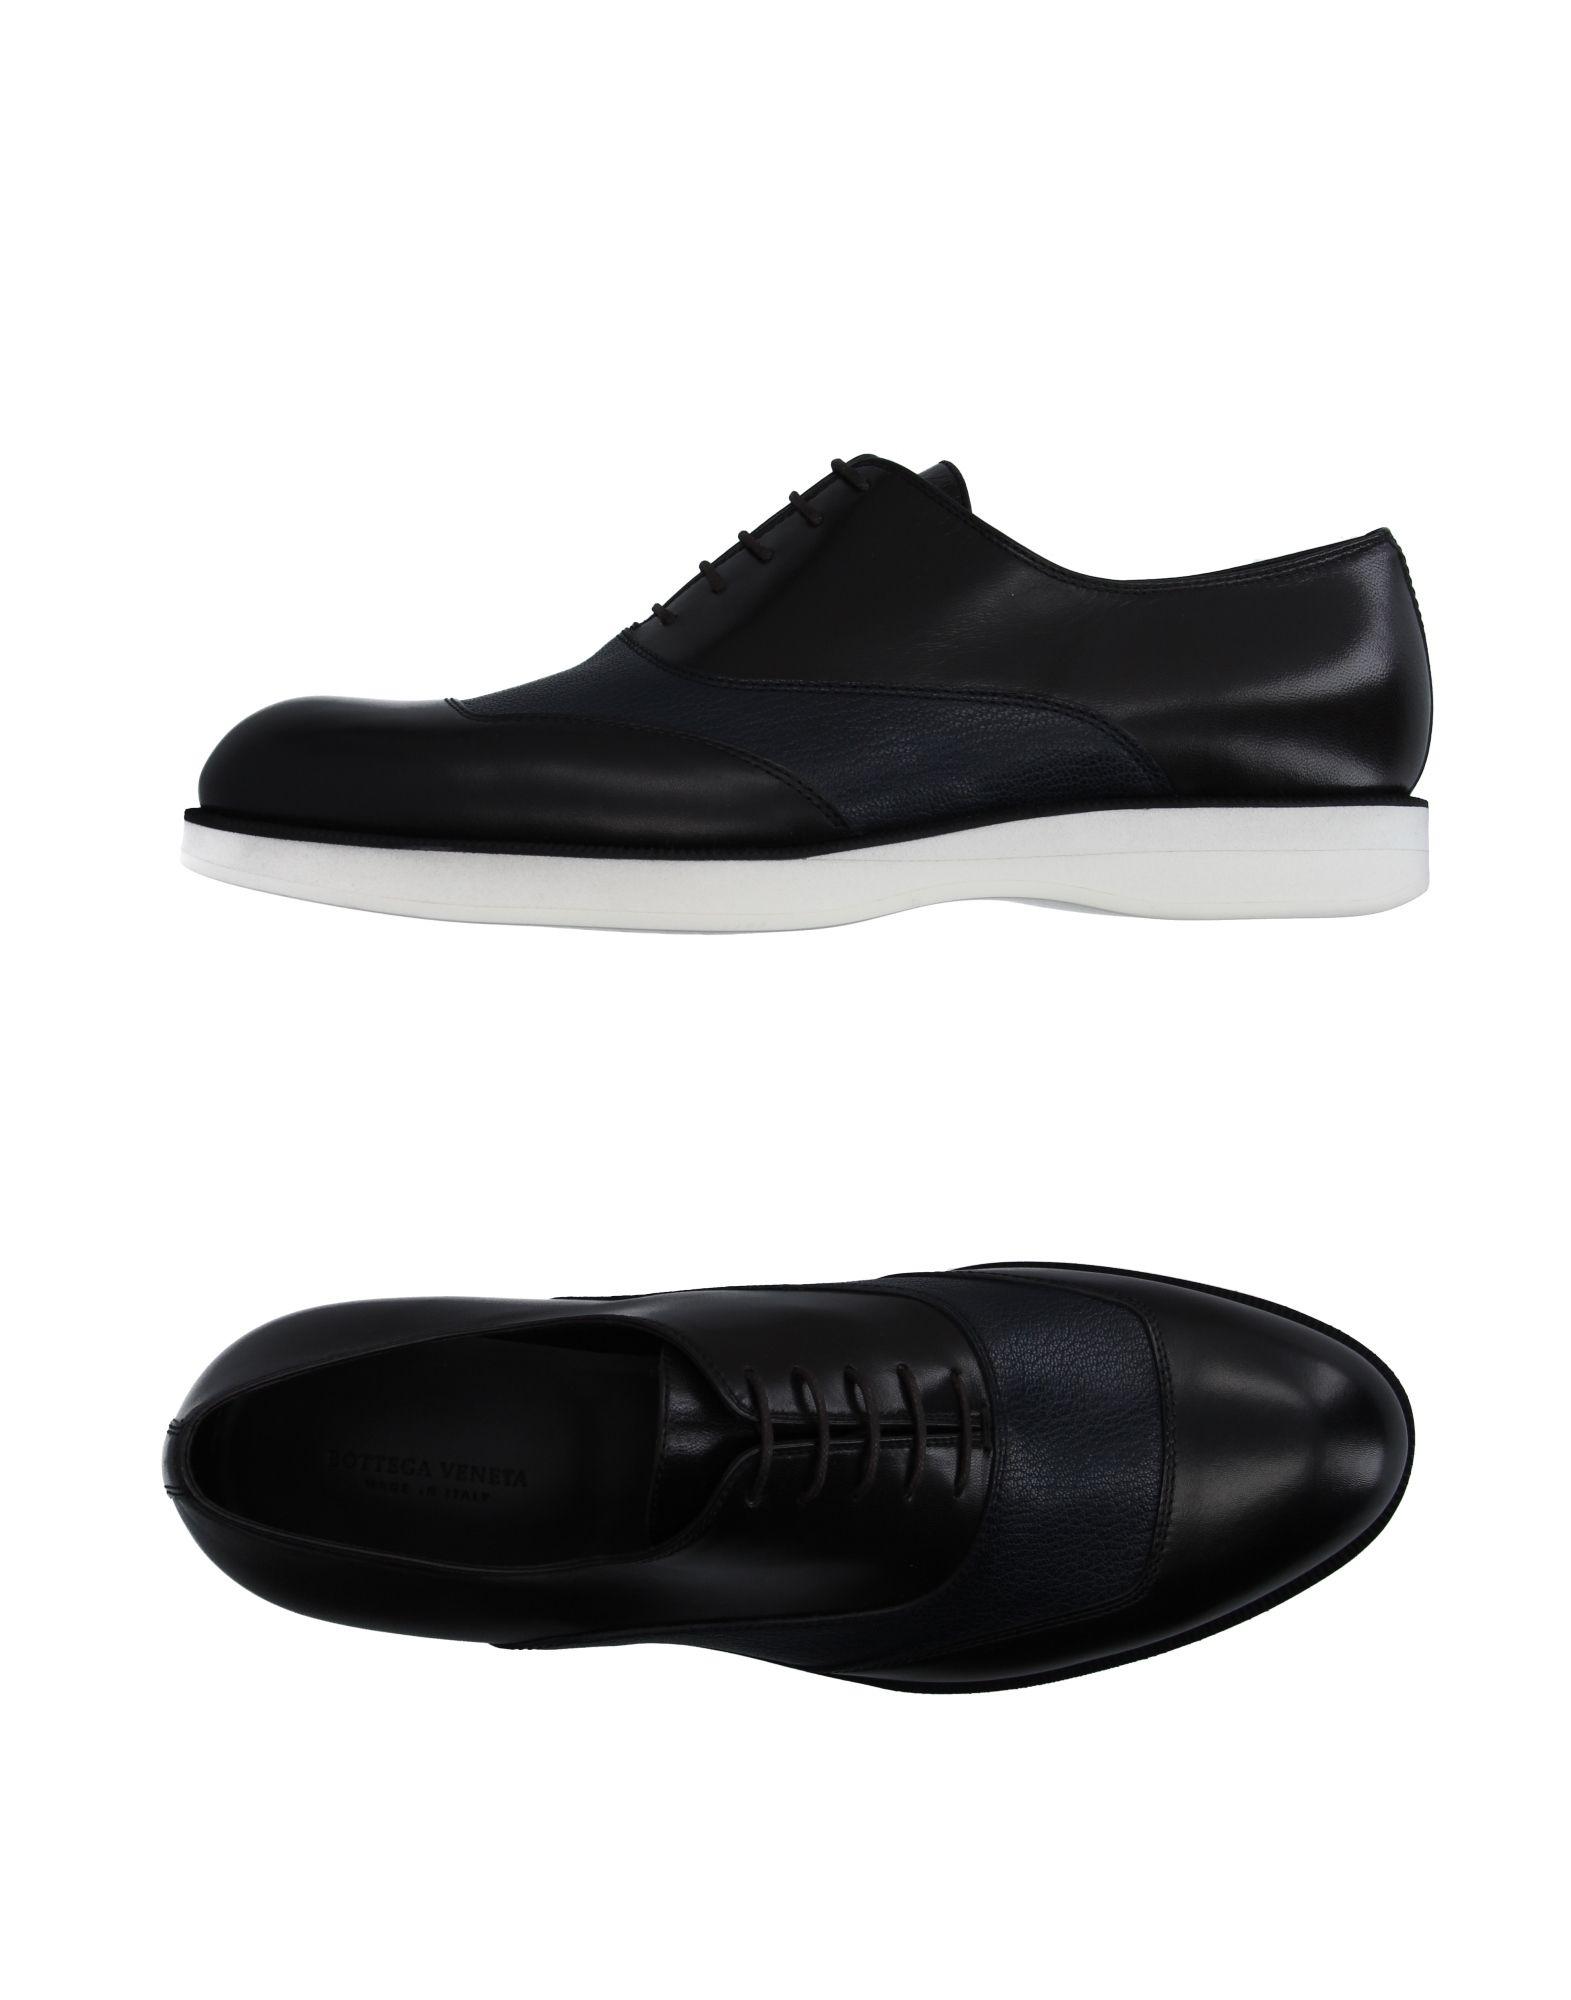 Chaussures À Lacets Bottega Veneta Homme - Chaussures À Lacets Bottega Veneta sur